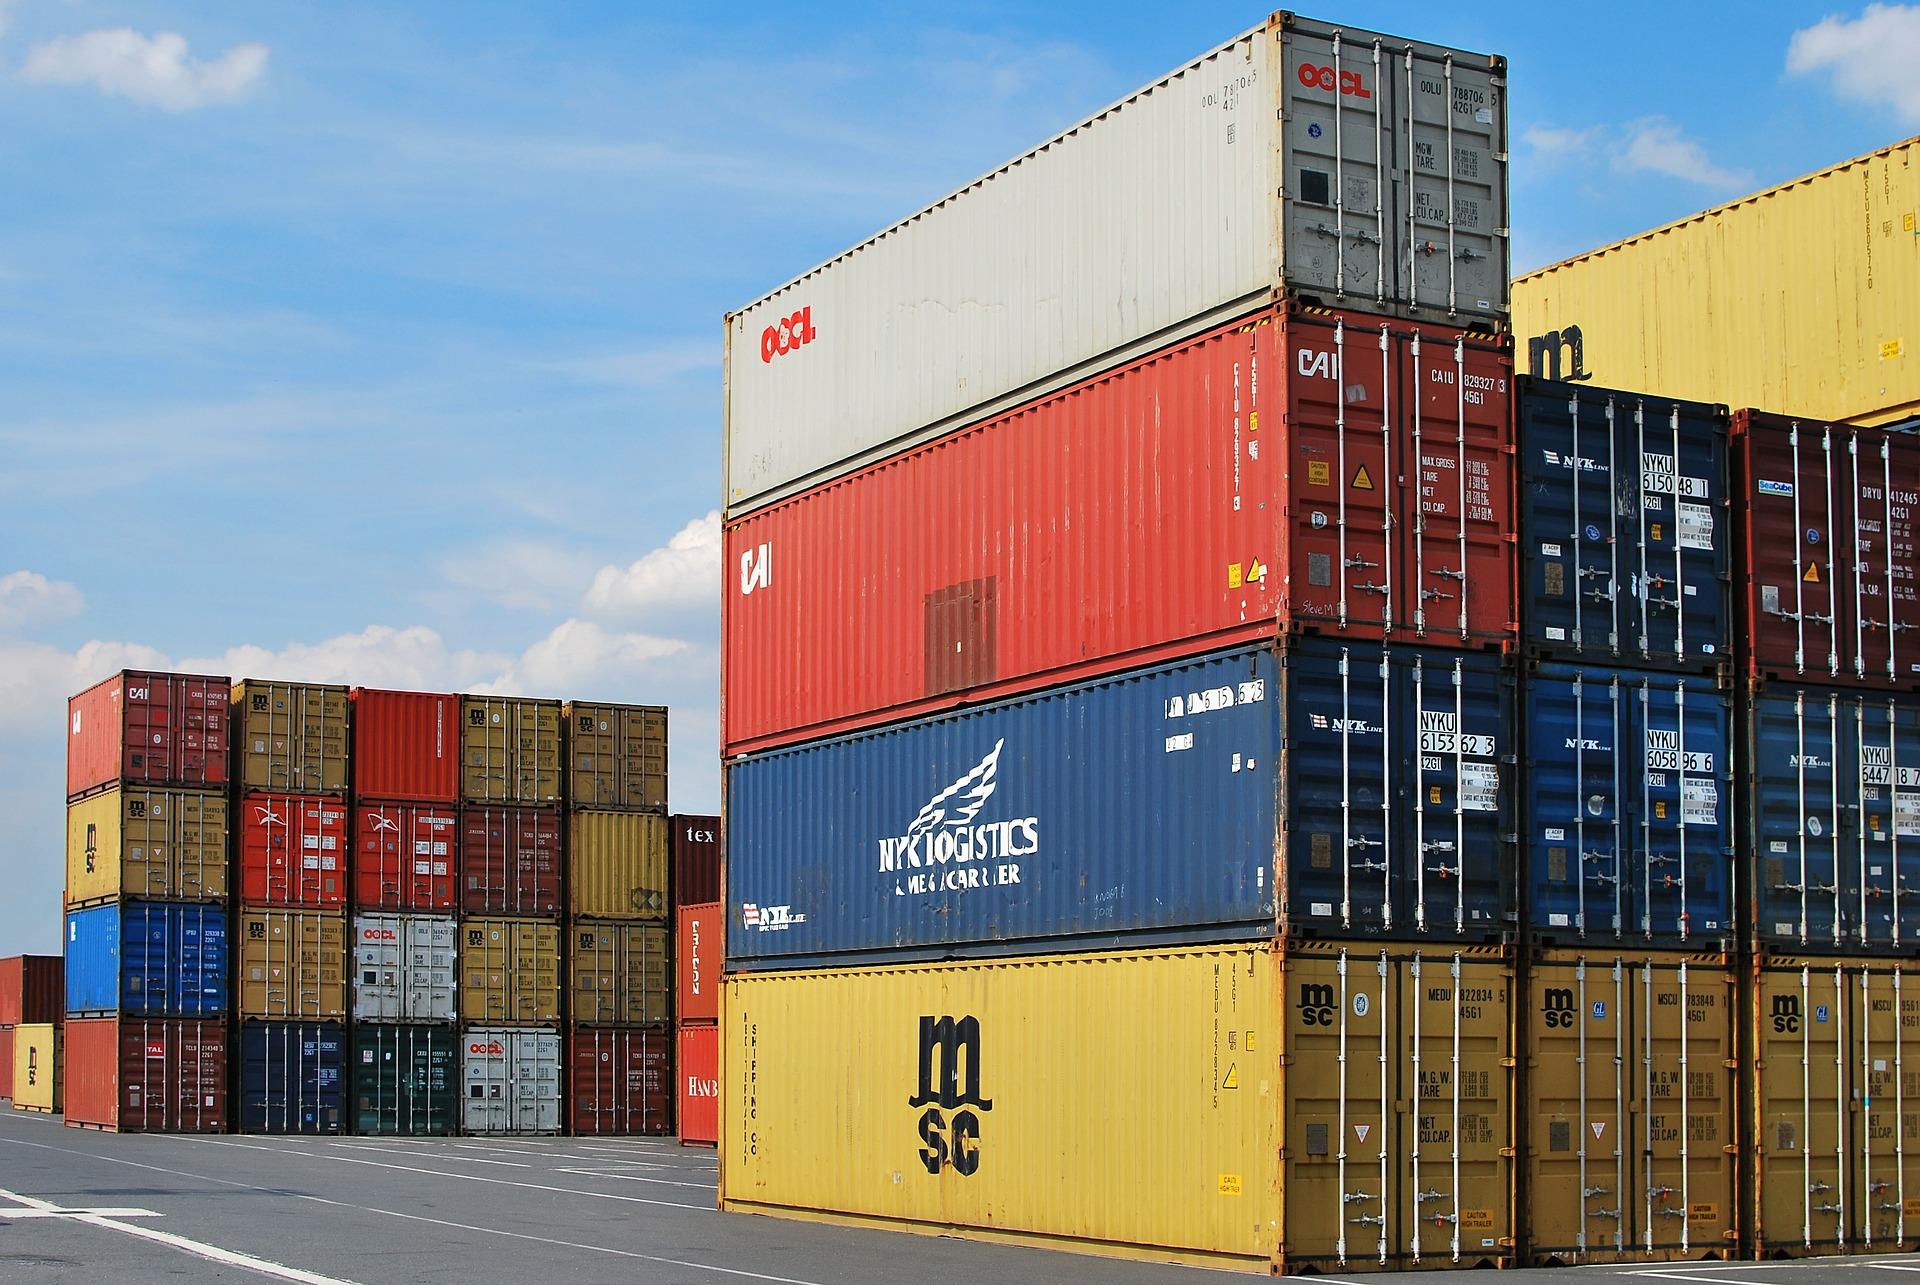 Komplexná hospodárska a obchodná dohoda medzi EÚ a Kanadou (CETA) nadobúda platnosť